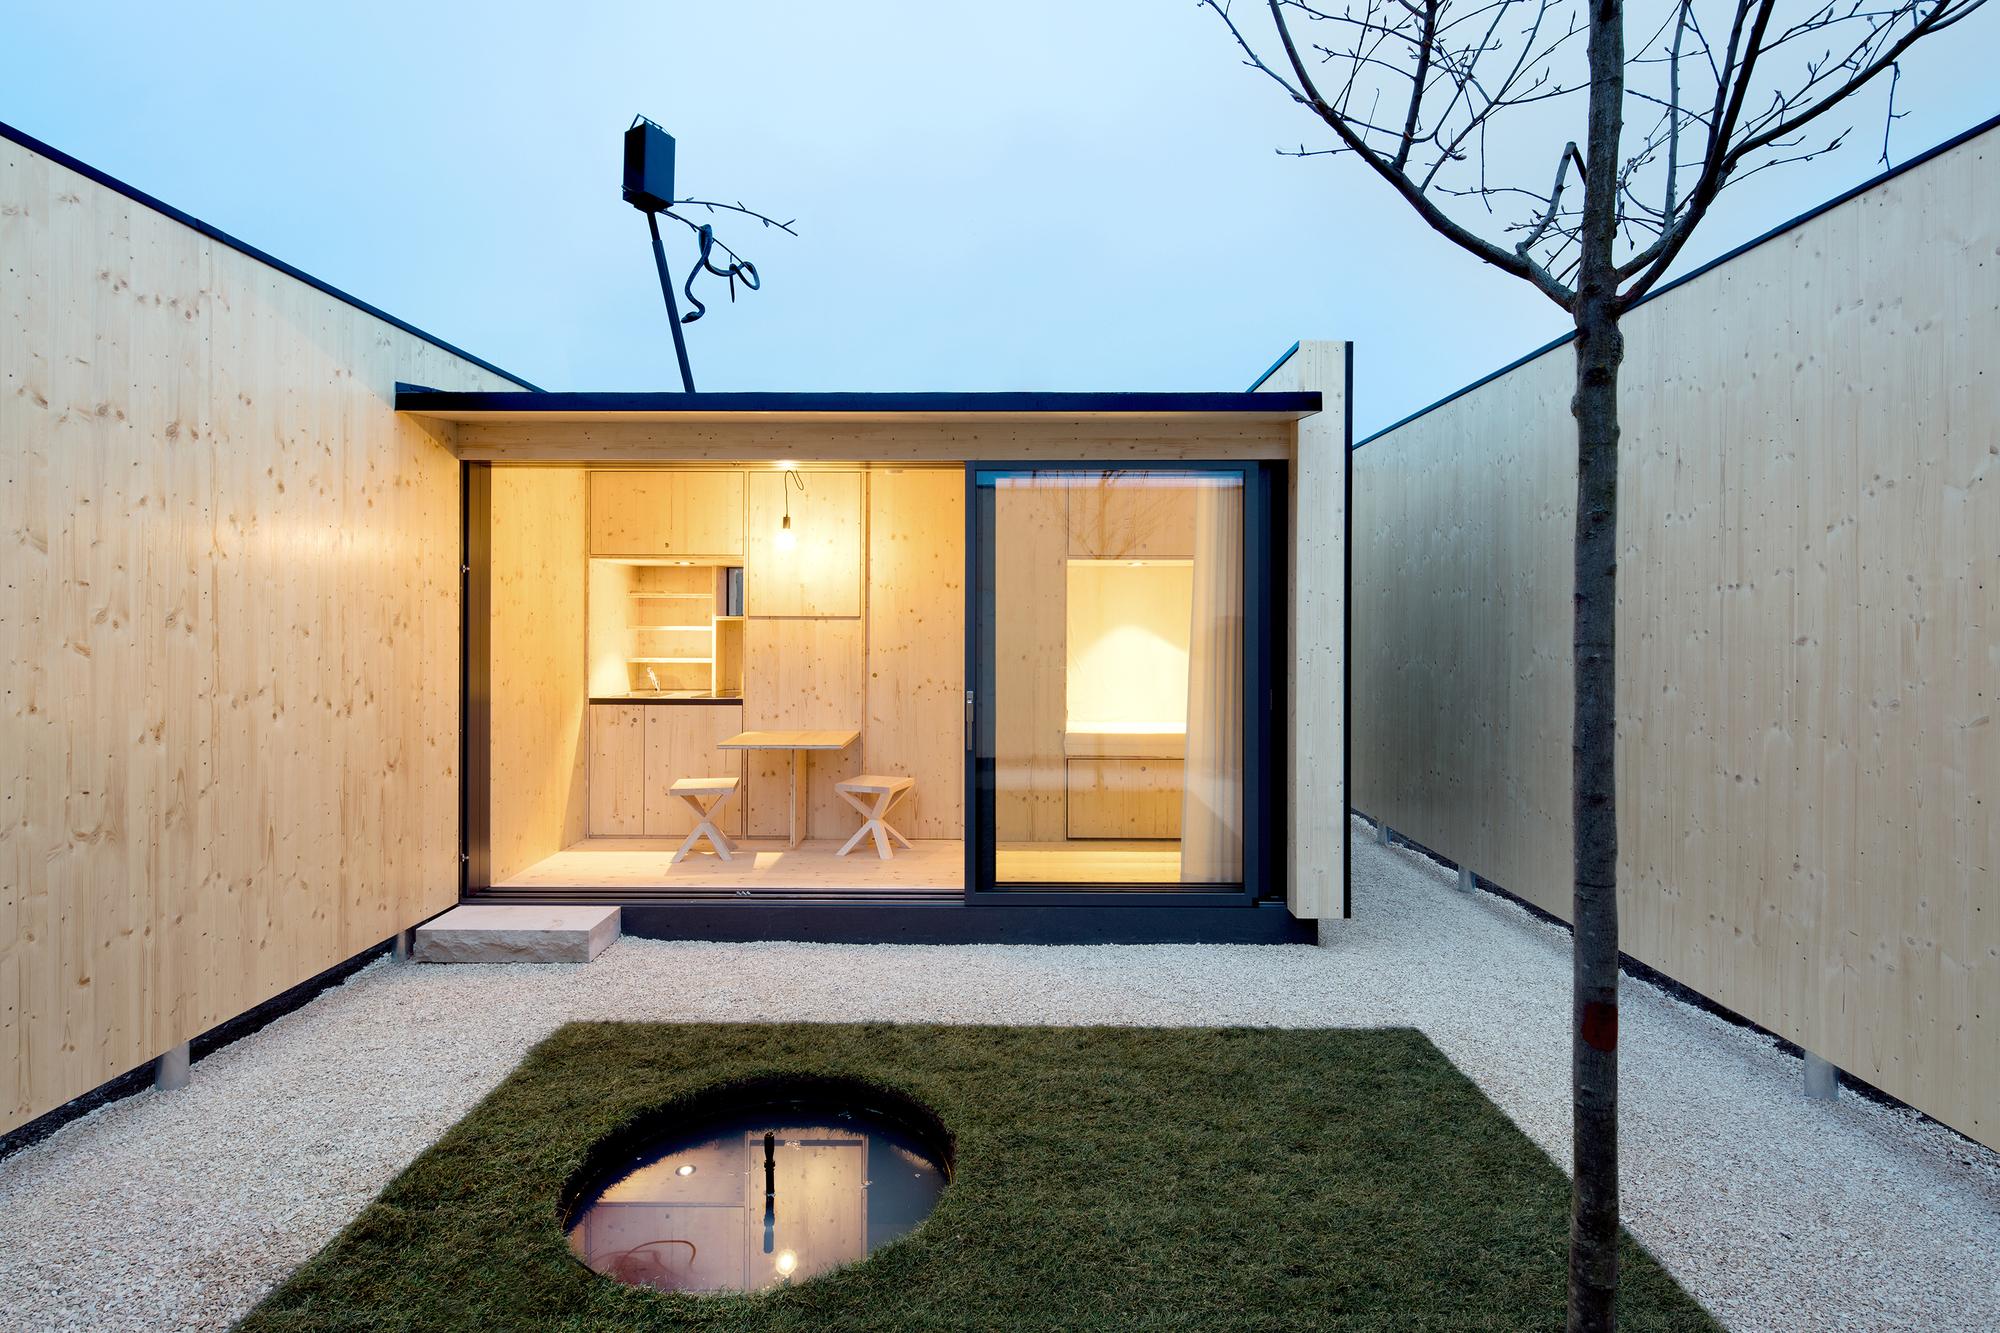 Casa Micro Courtyard / Atelier Kaiser Shen